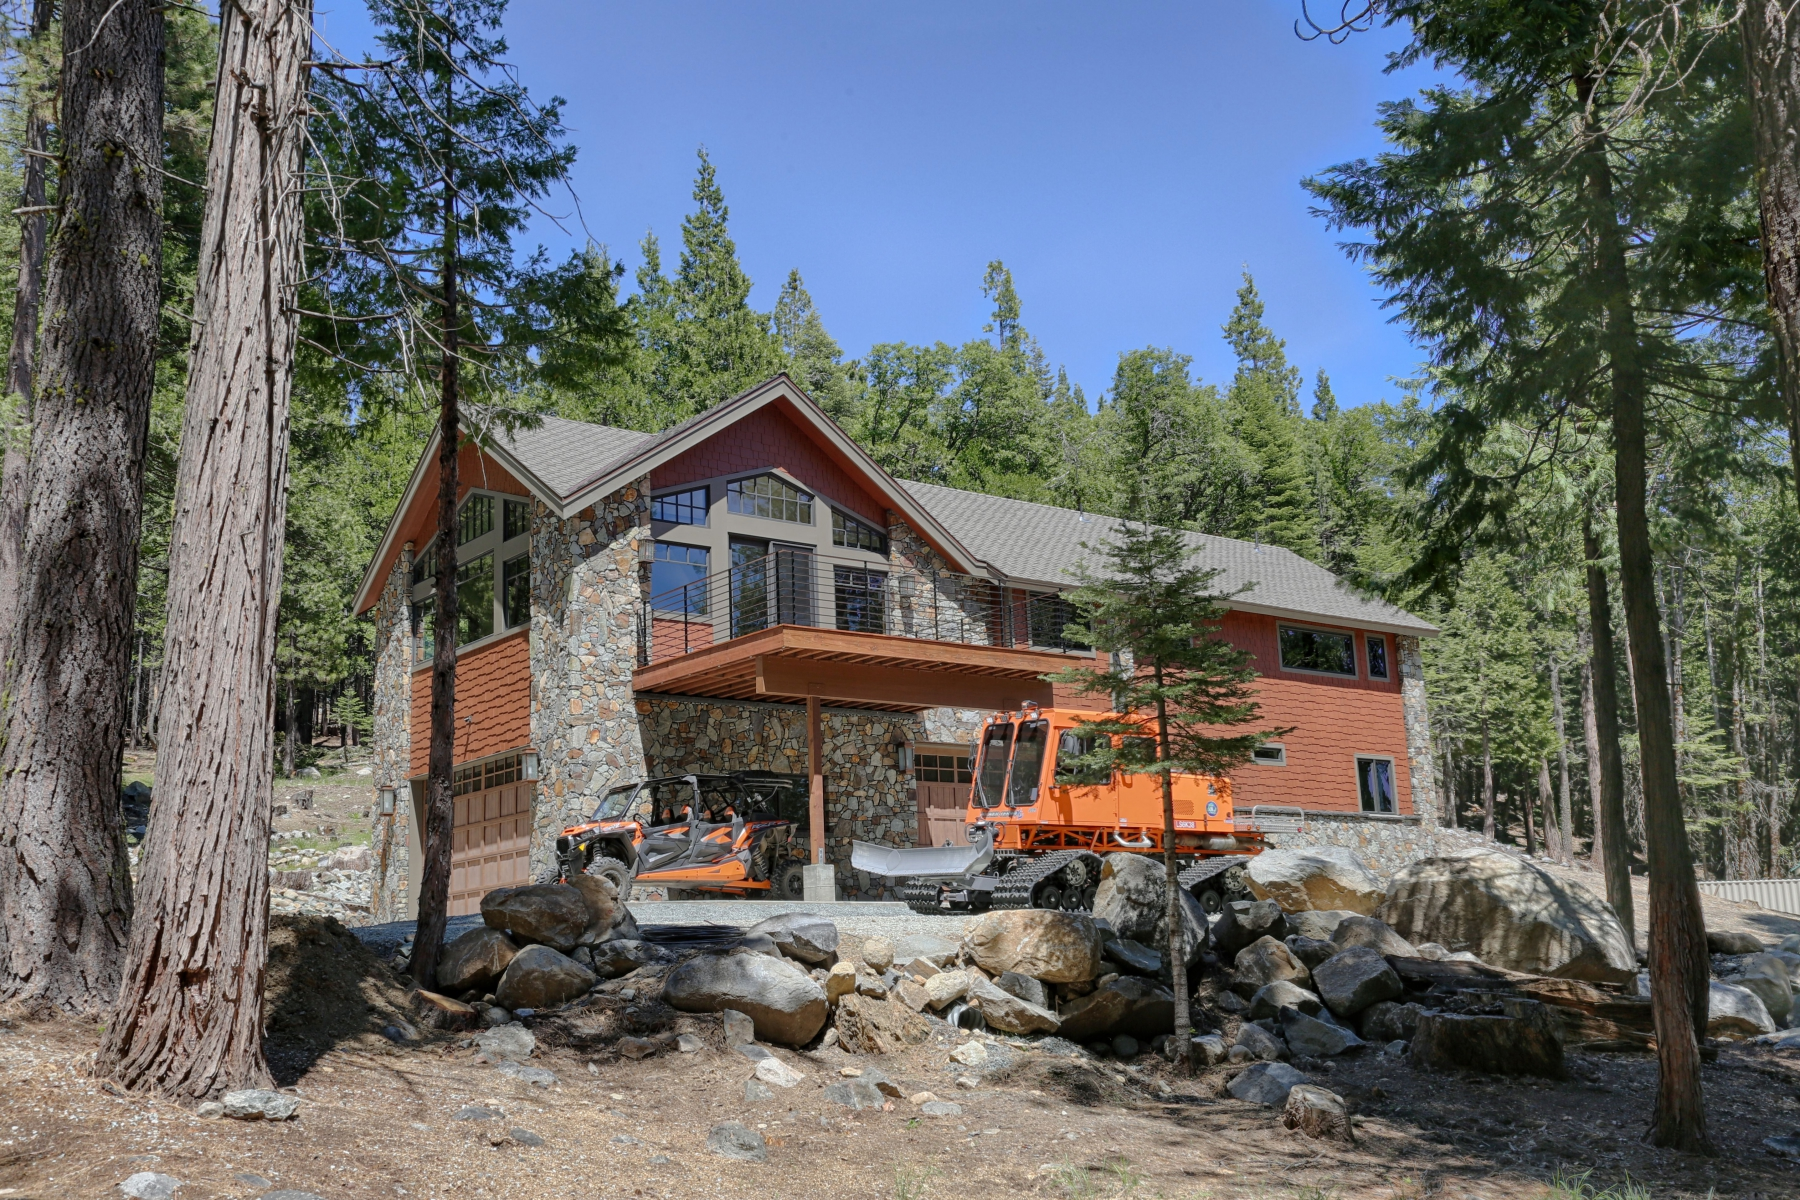 Casa Unifamiliar por un Venta en 37255 Obsidian Way, Soda Springs, California 95728 Soda Springs, California 95728 Estados Unidos